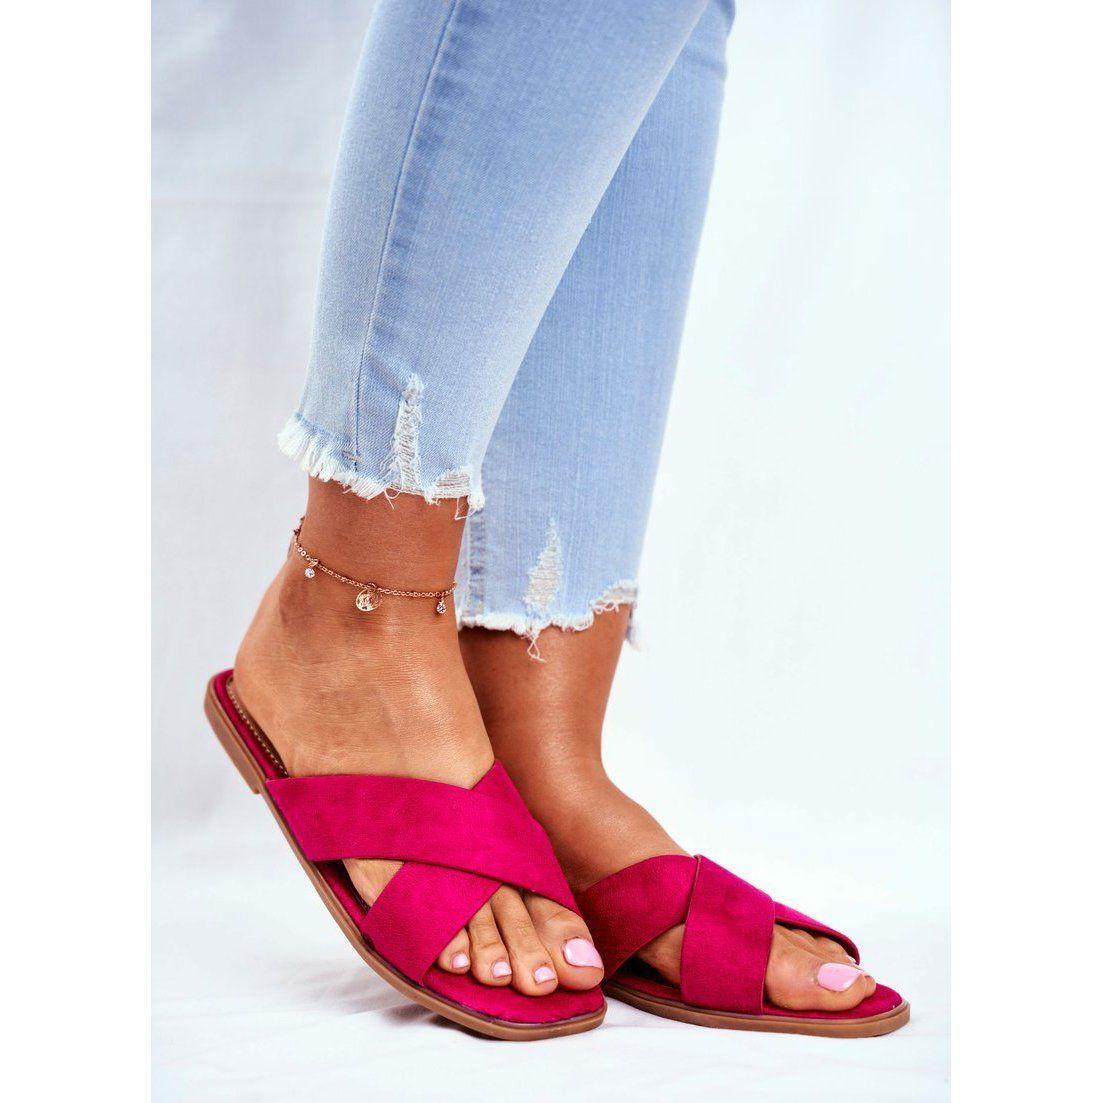 Klapki Damskie Paski Na Krzyz Fuksja Philippines Rozowe Heels Shoes Heeled Mules